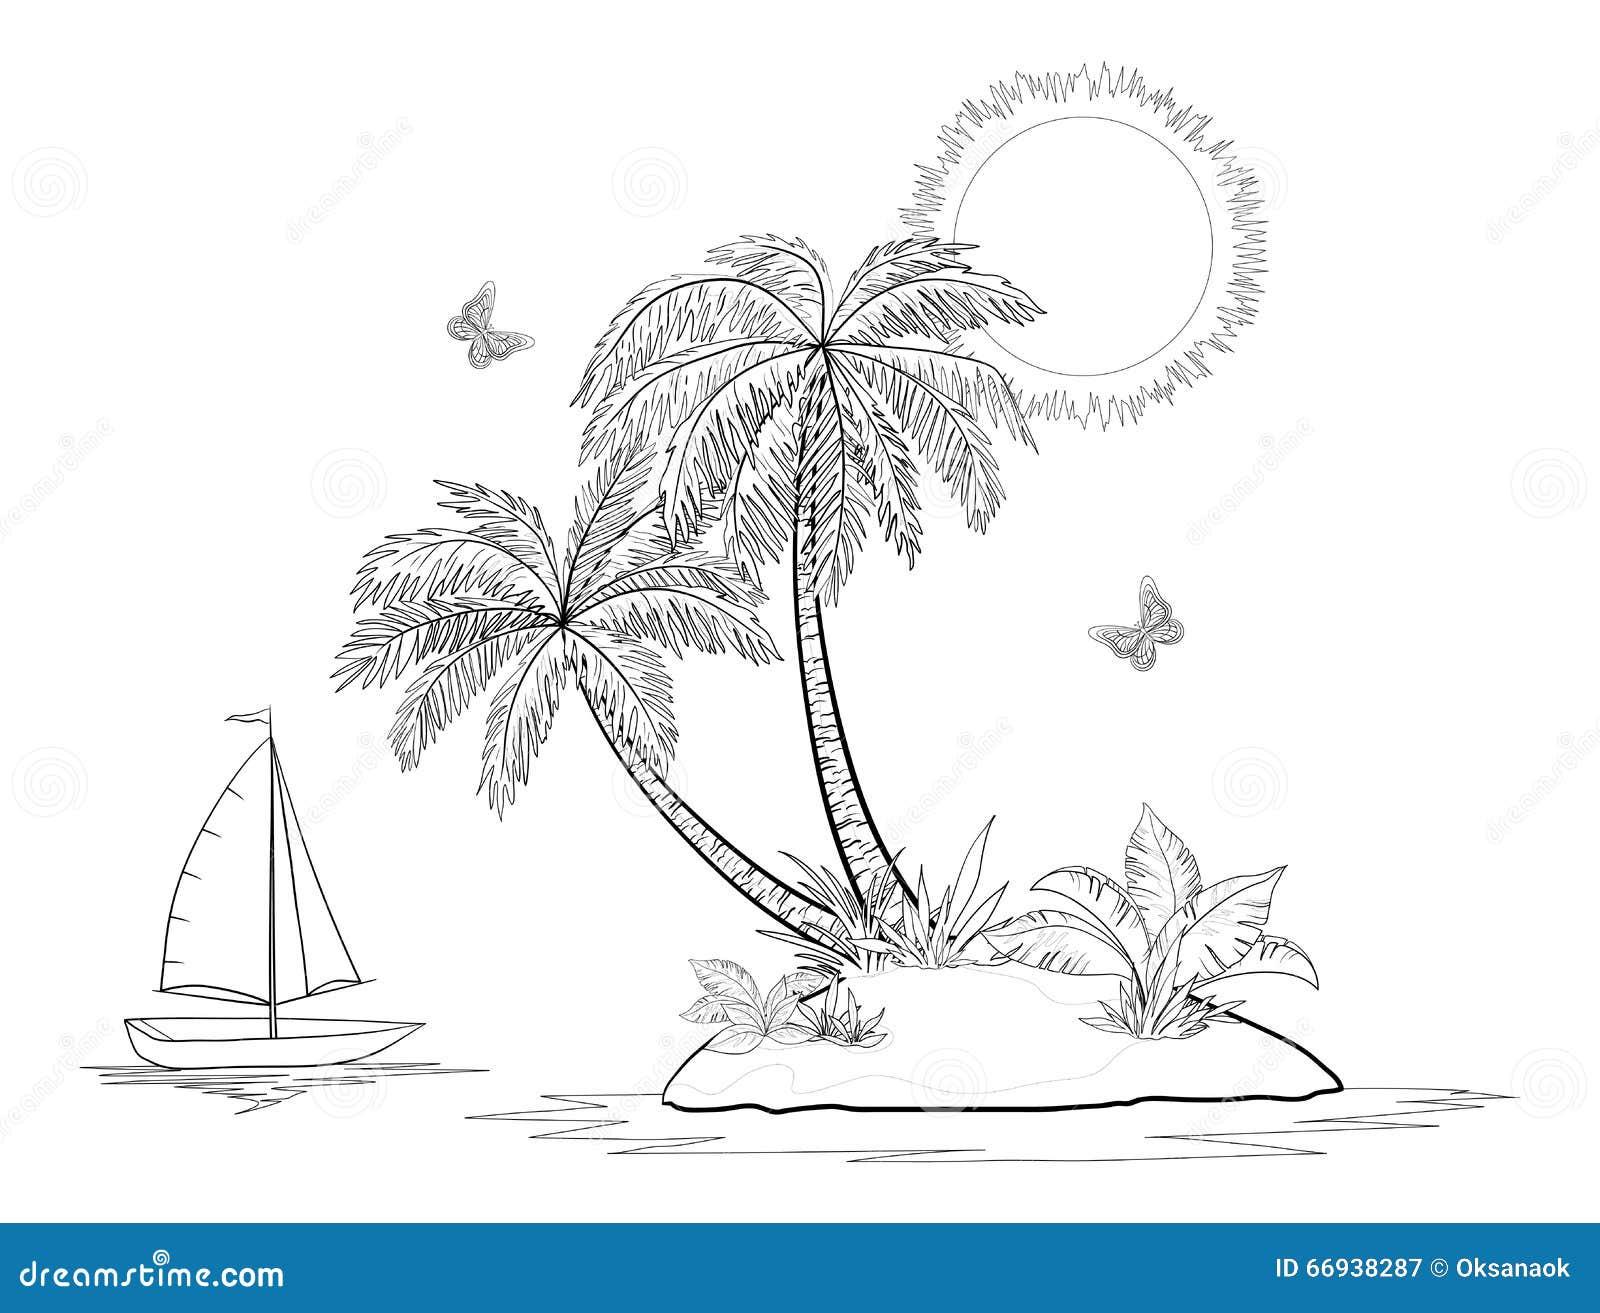 insel mit palme schiff und schmetterlingen vektor abbildung bild 66938287. Black Bedroom Furniture Sets. Home Design Ideas